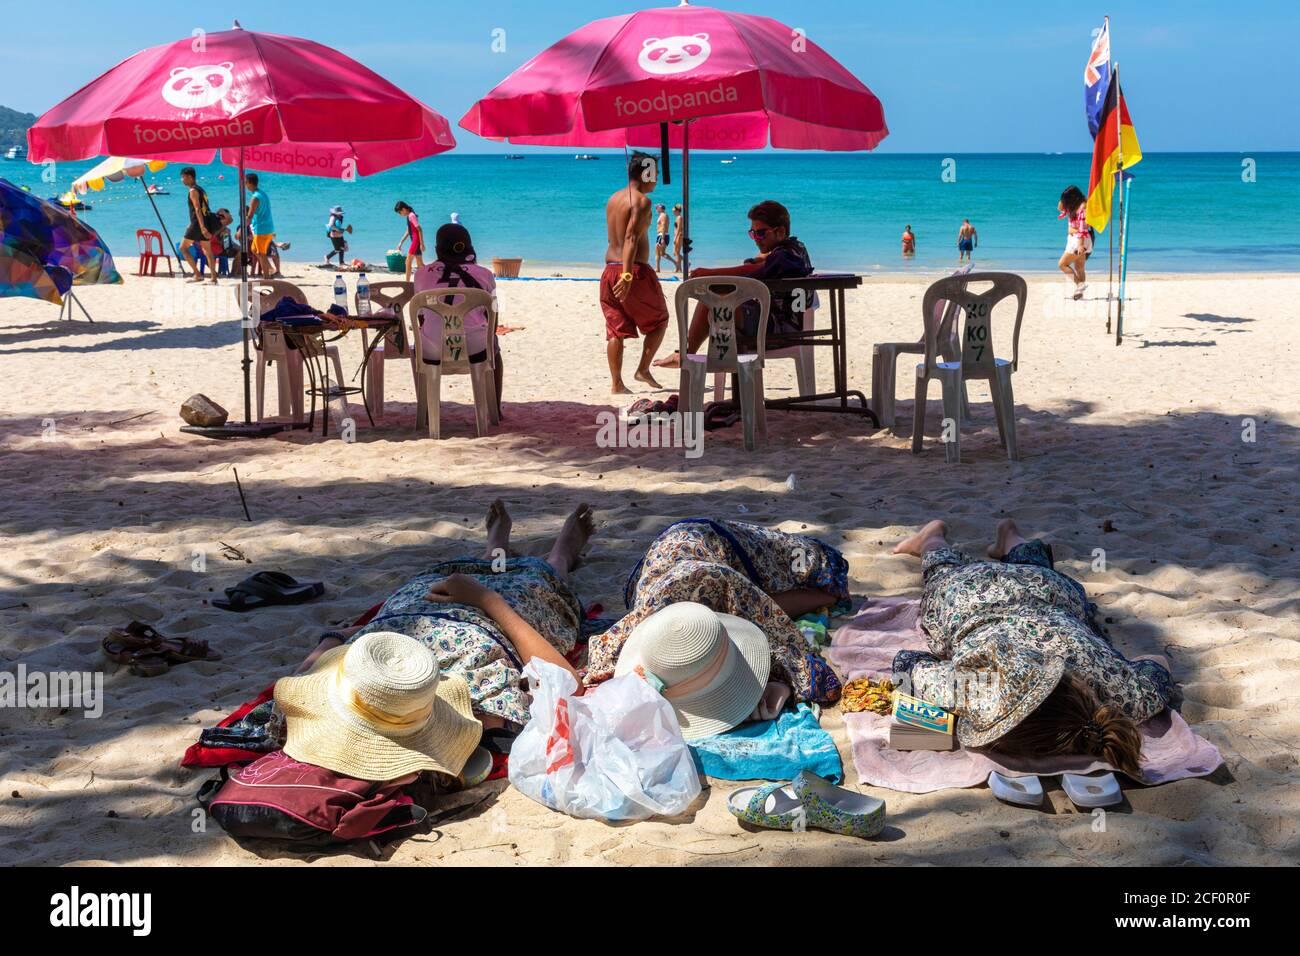 Turistas durmiendo en la playa, Patong, Phuket, Tailandia Foto de stock